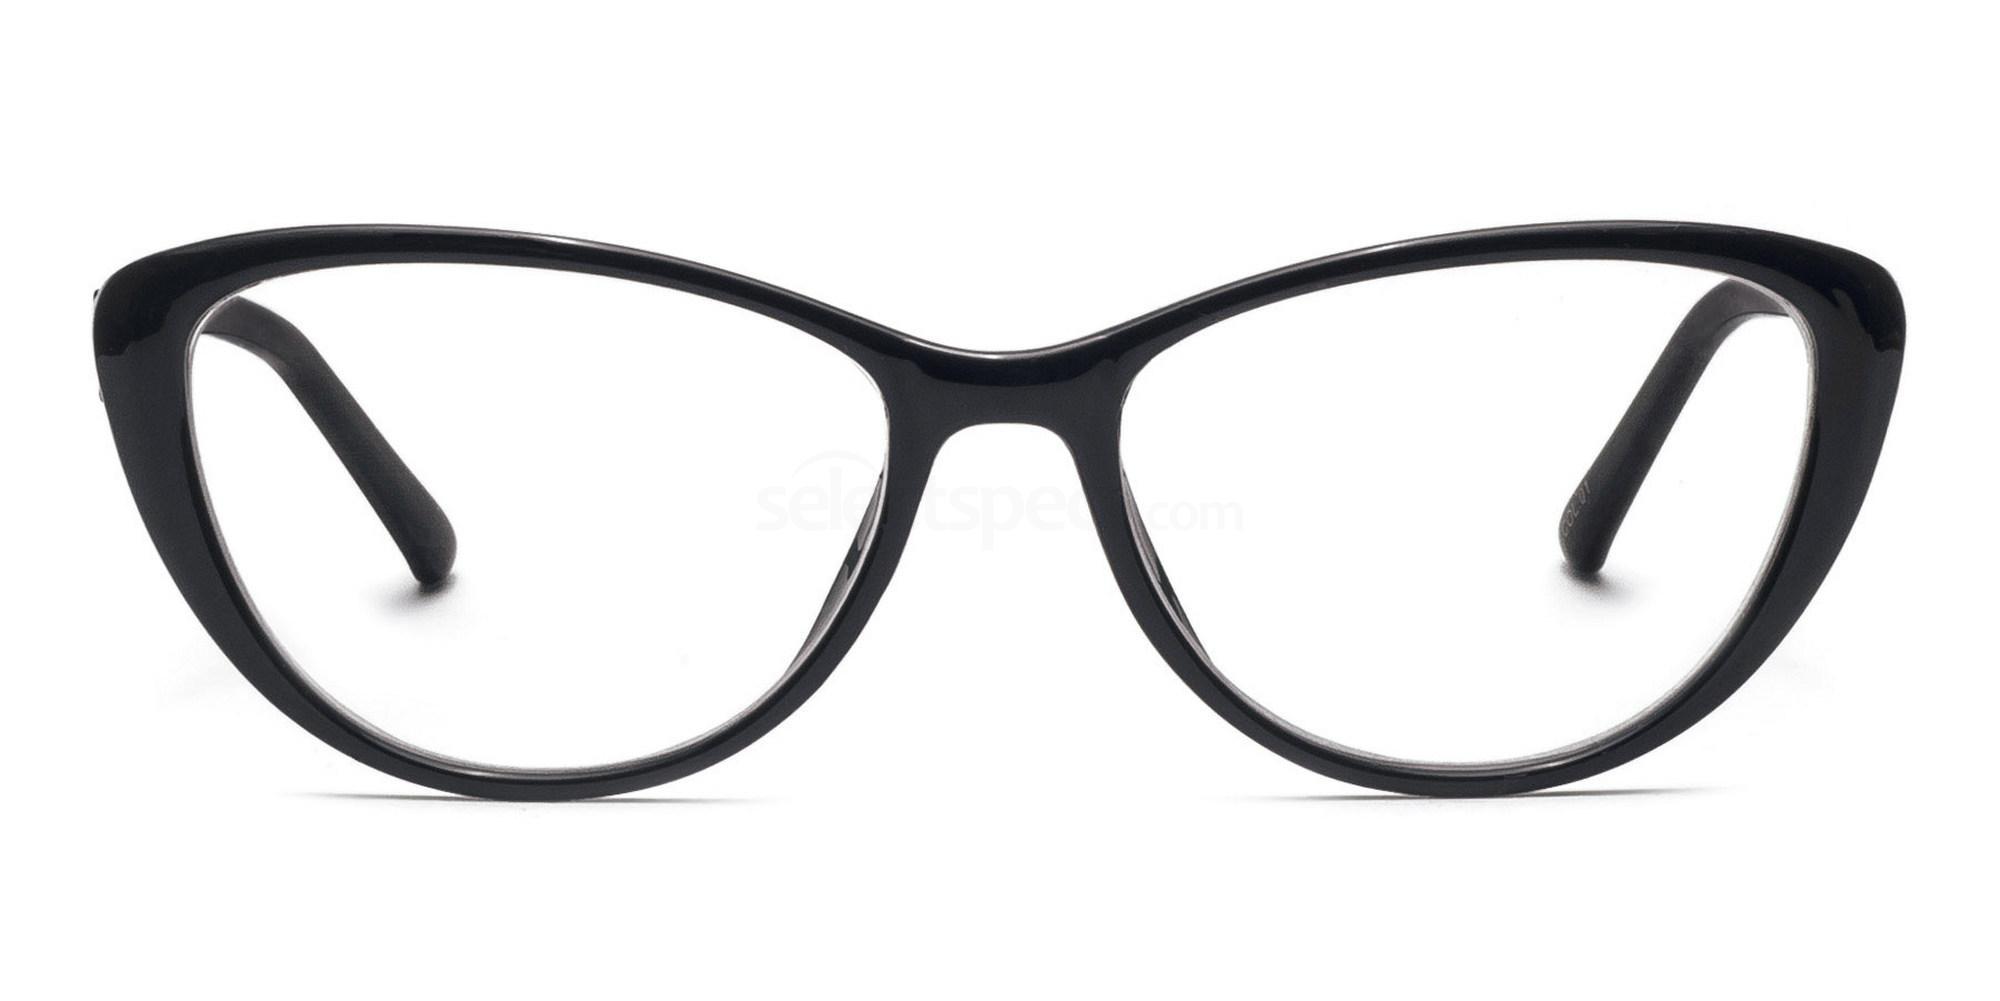 C1 2489 - Black Glasses, Savannah